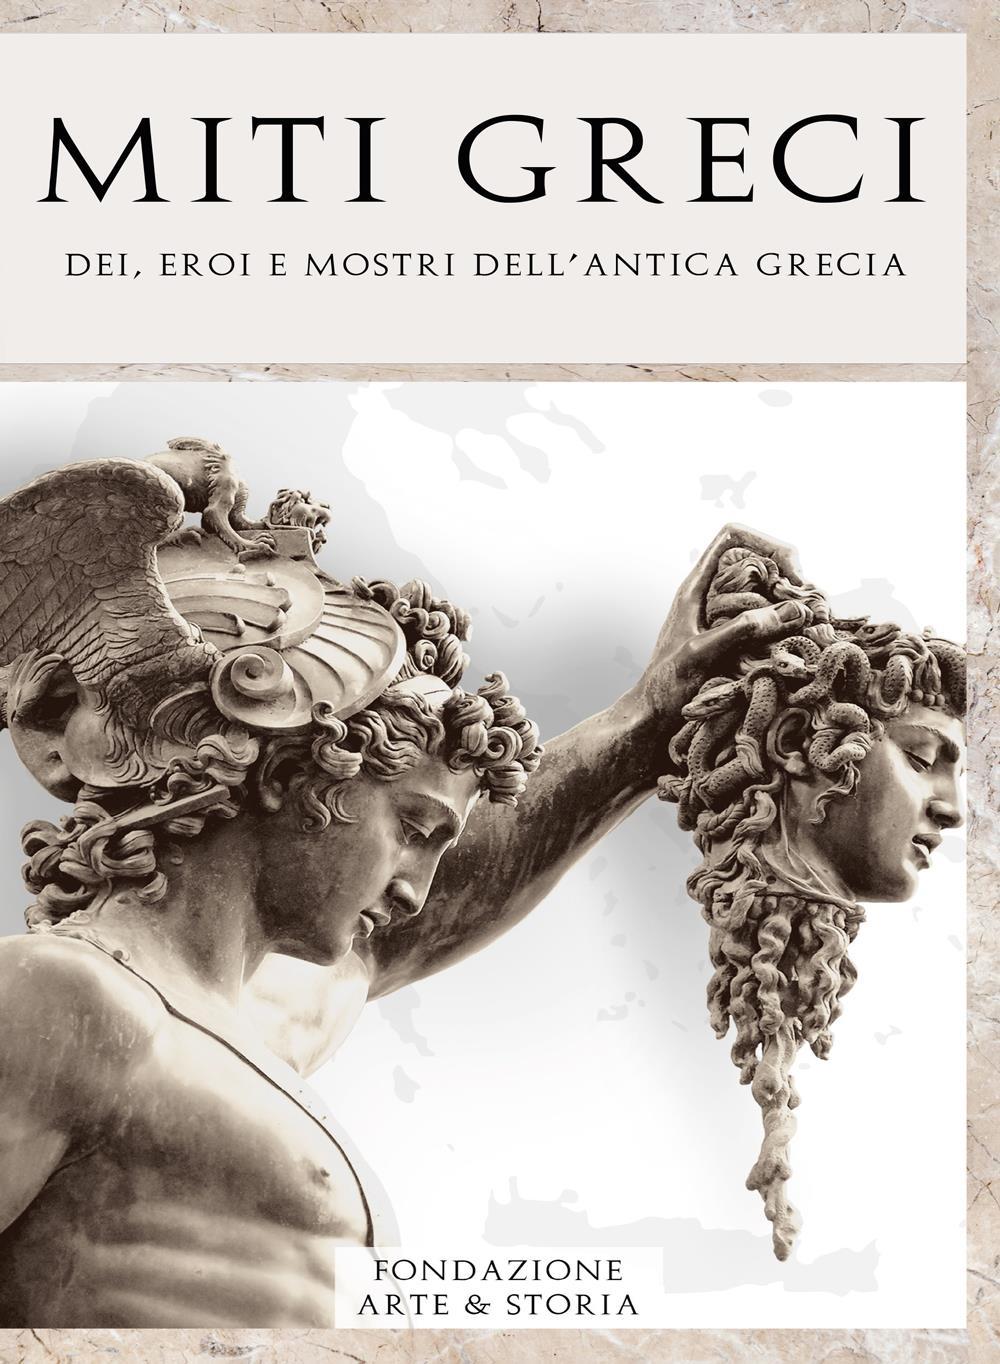 Miti Greci - Dei, eroi e mostri dell'Antica Grecia